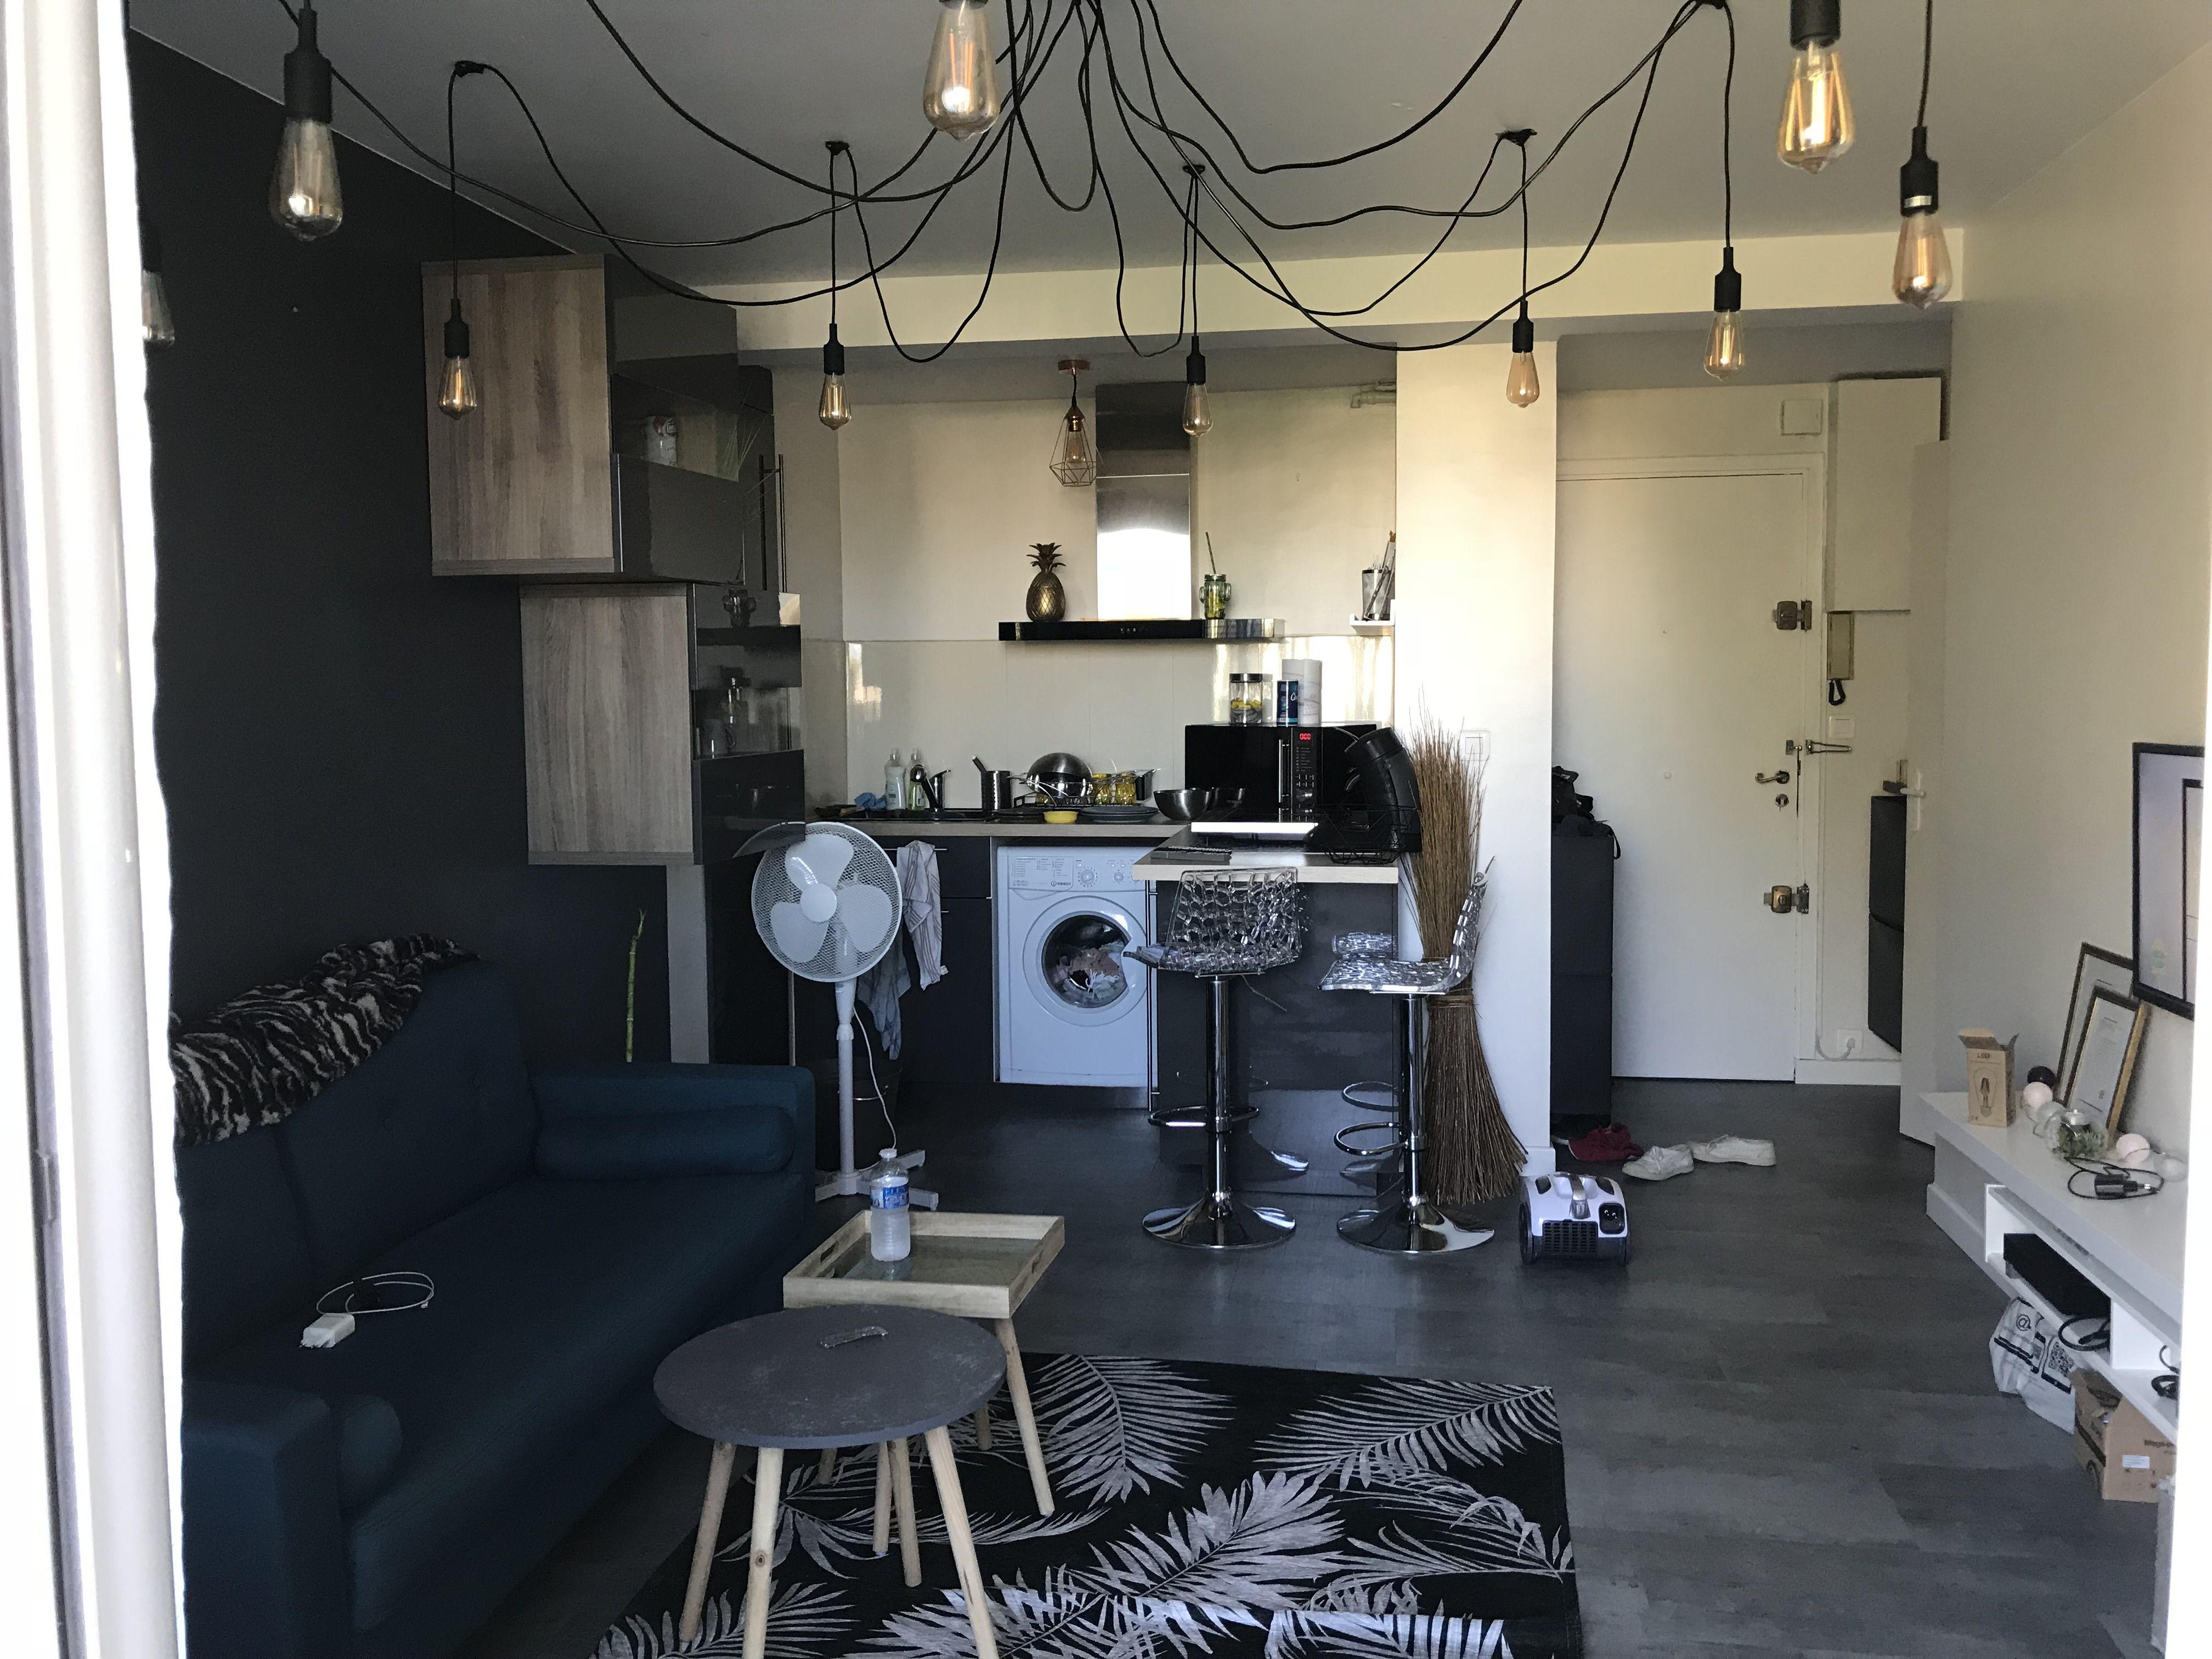 Idées de design d'intérieur minimalistes pour votre cuisine